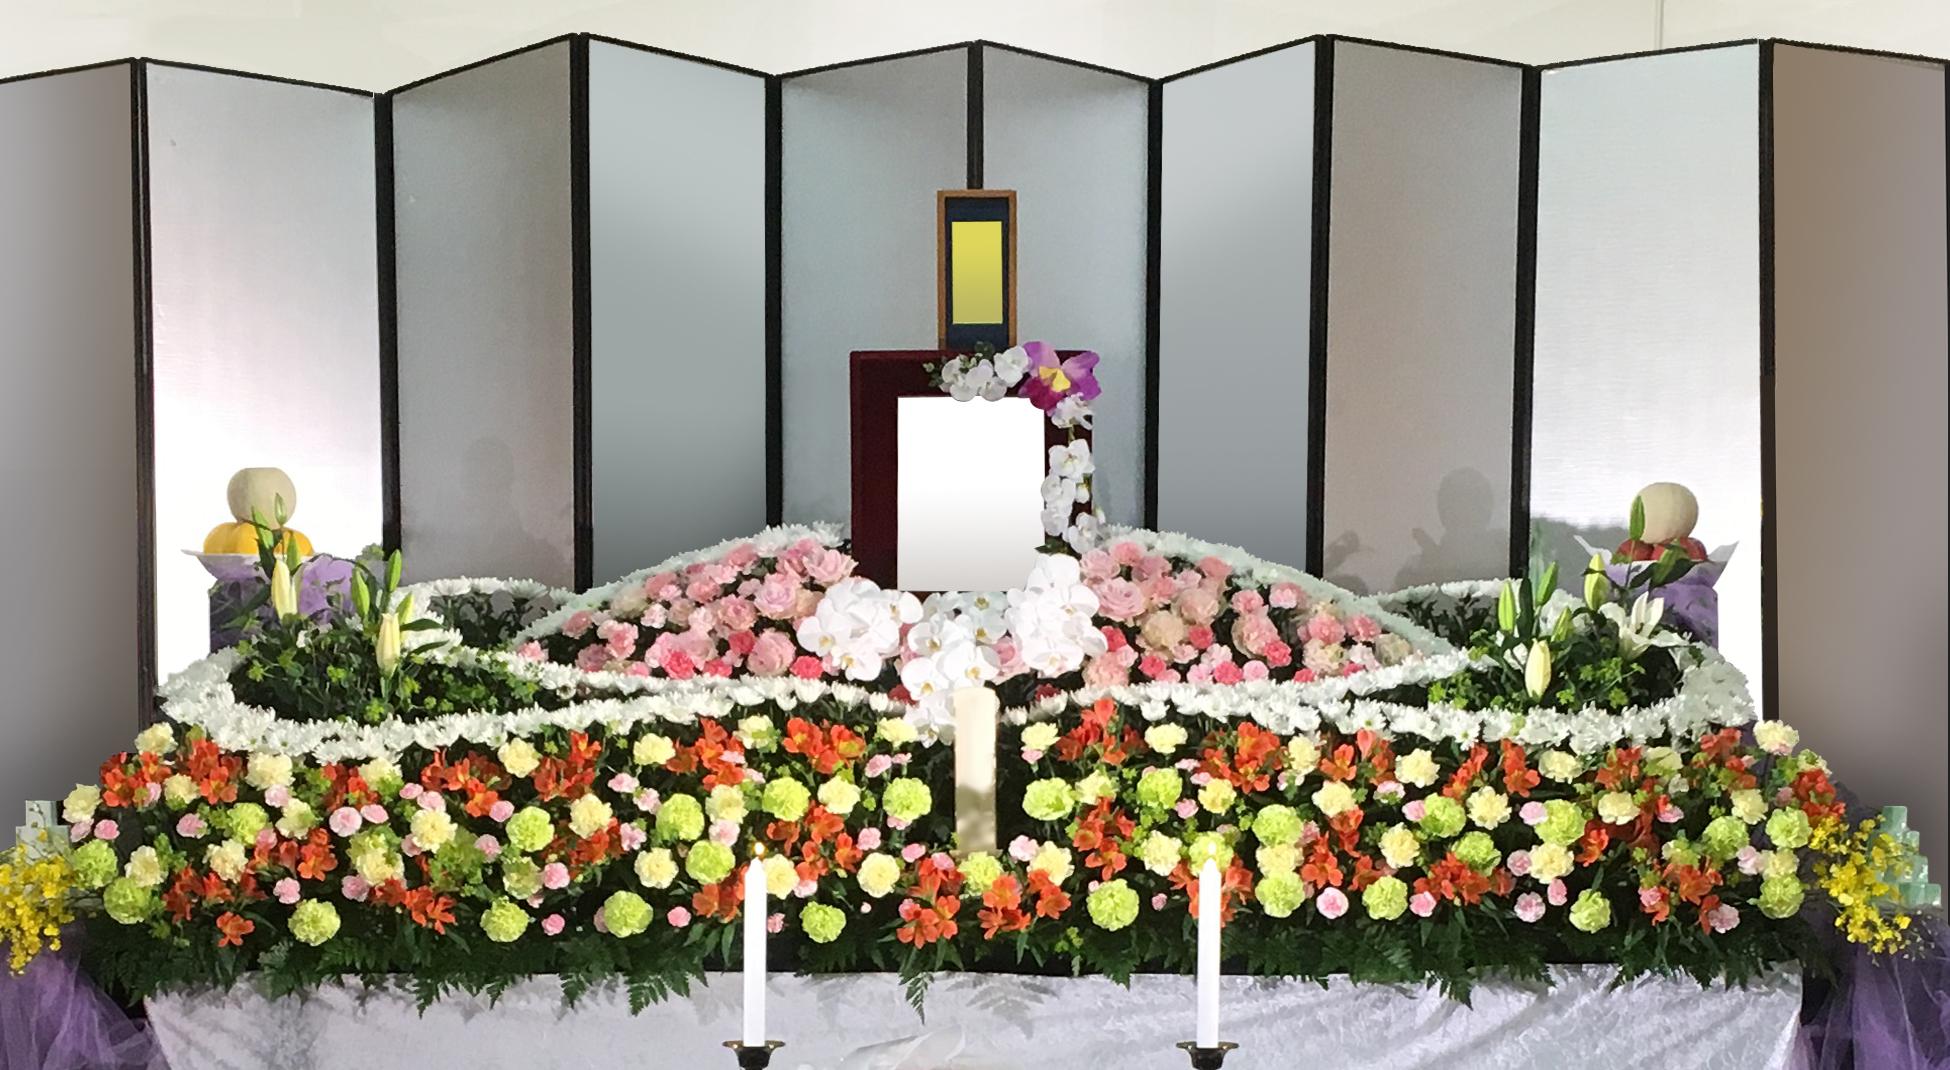 生花祭壇 ART103 ピンク・オレンジをメインに